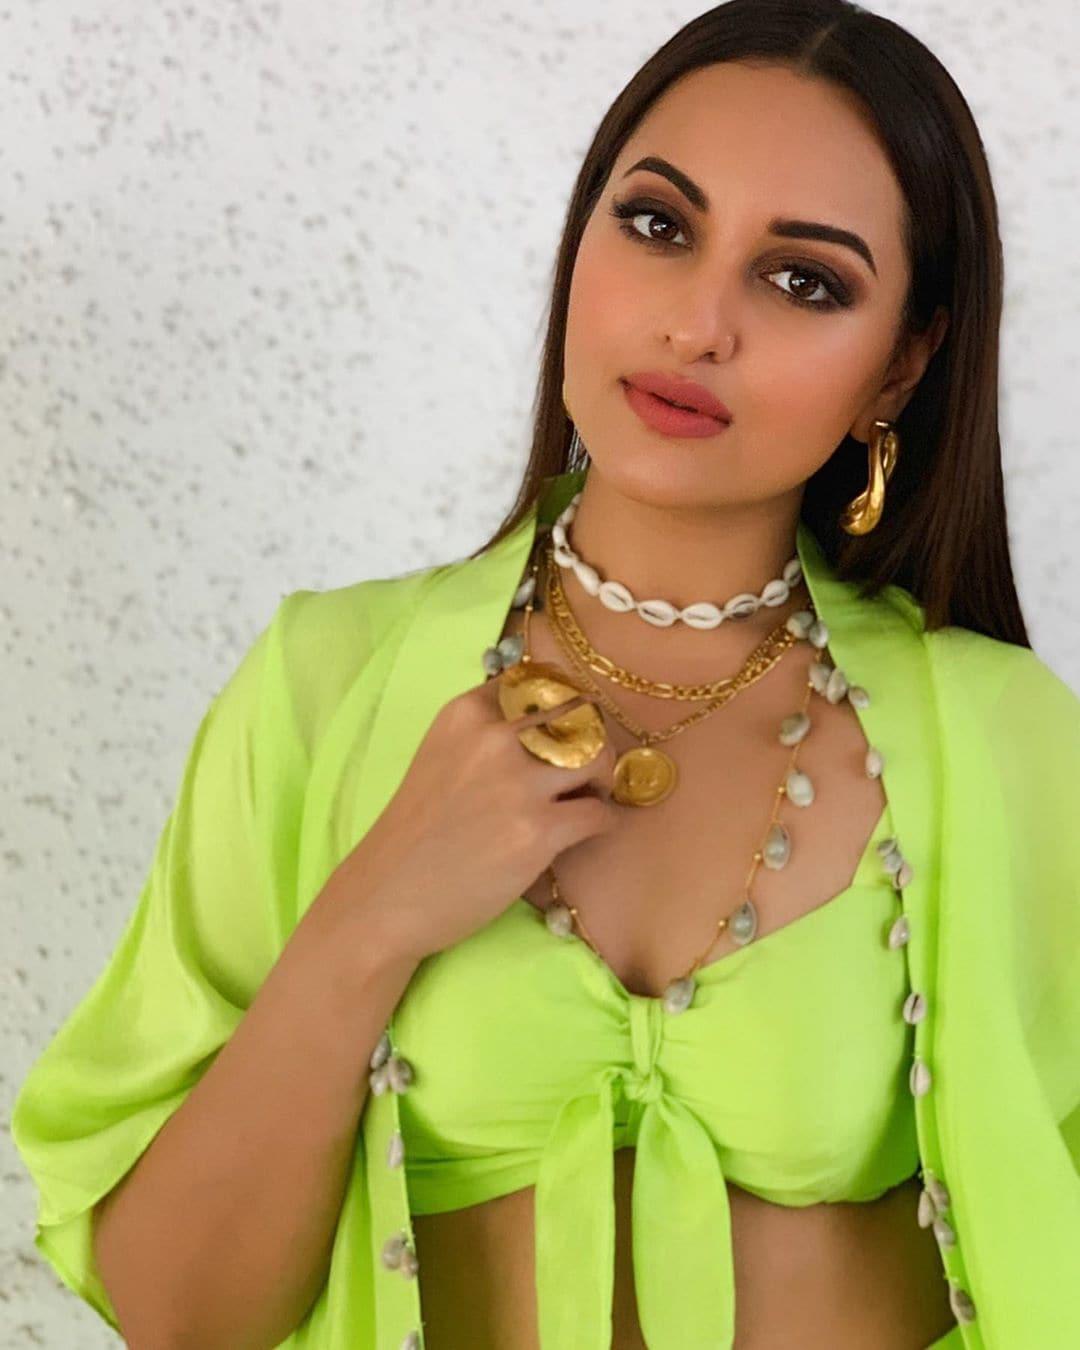 సోనాక్షి సిన్హా హాట్ ఫోటోస్...Photo : Instagram.com/aslisona